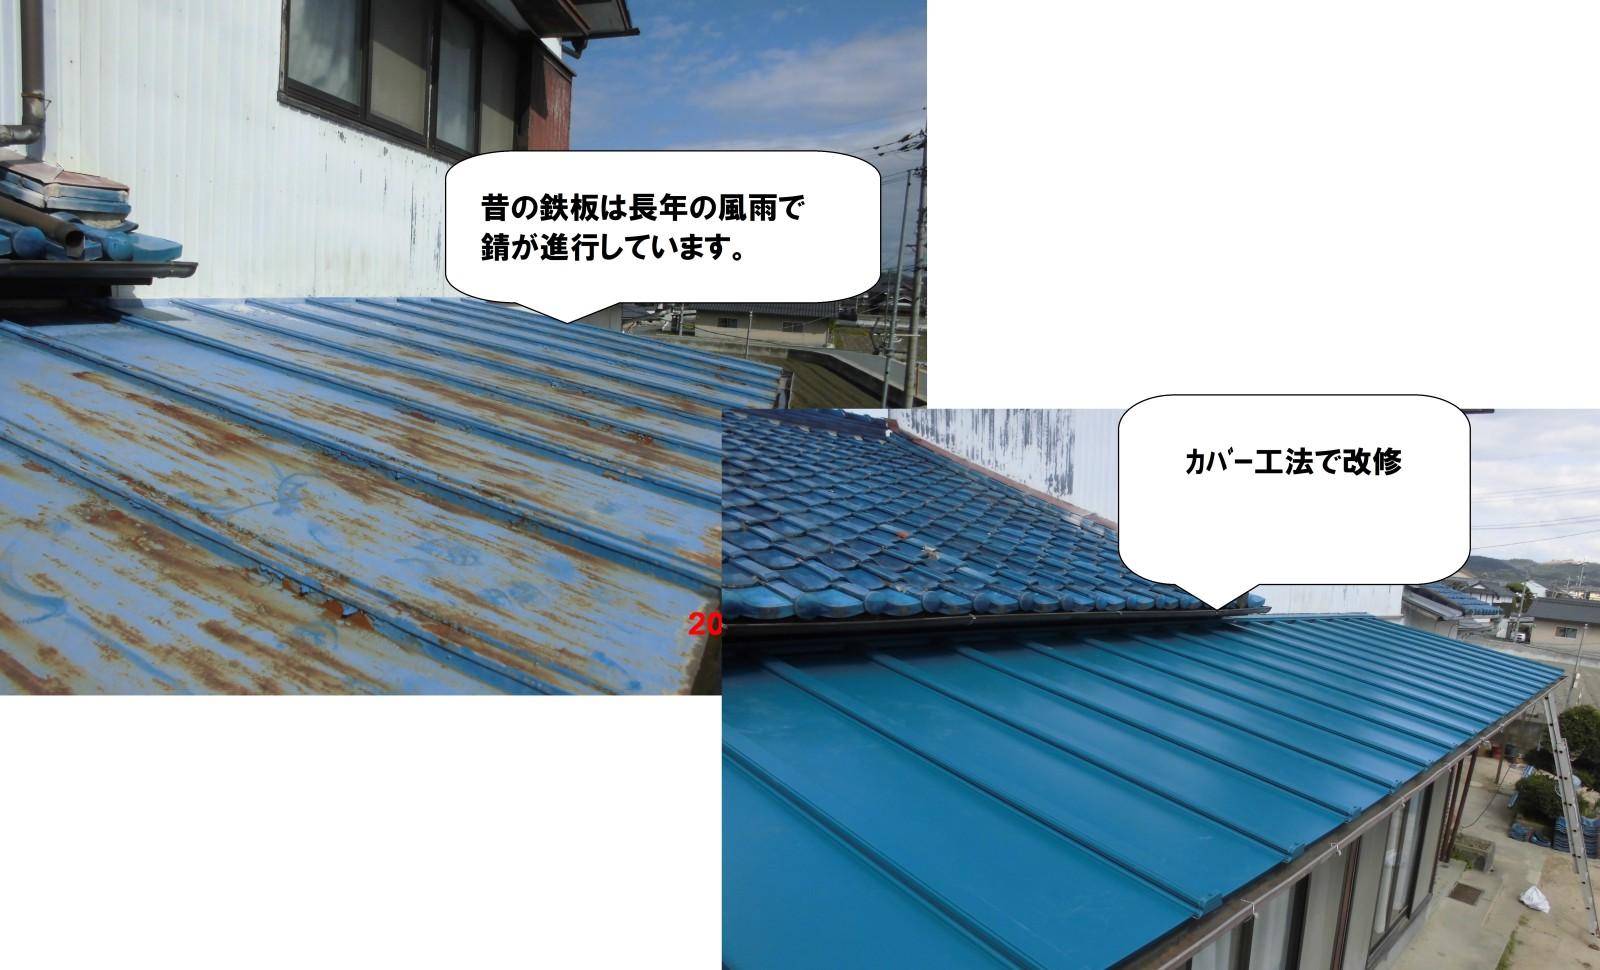 昔の鉄板は錆び易いのでこまめに点検したり補修が必要です